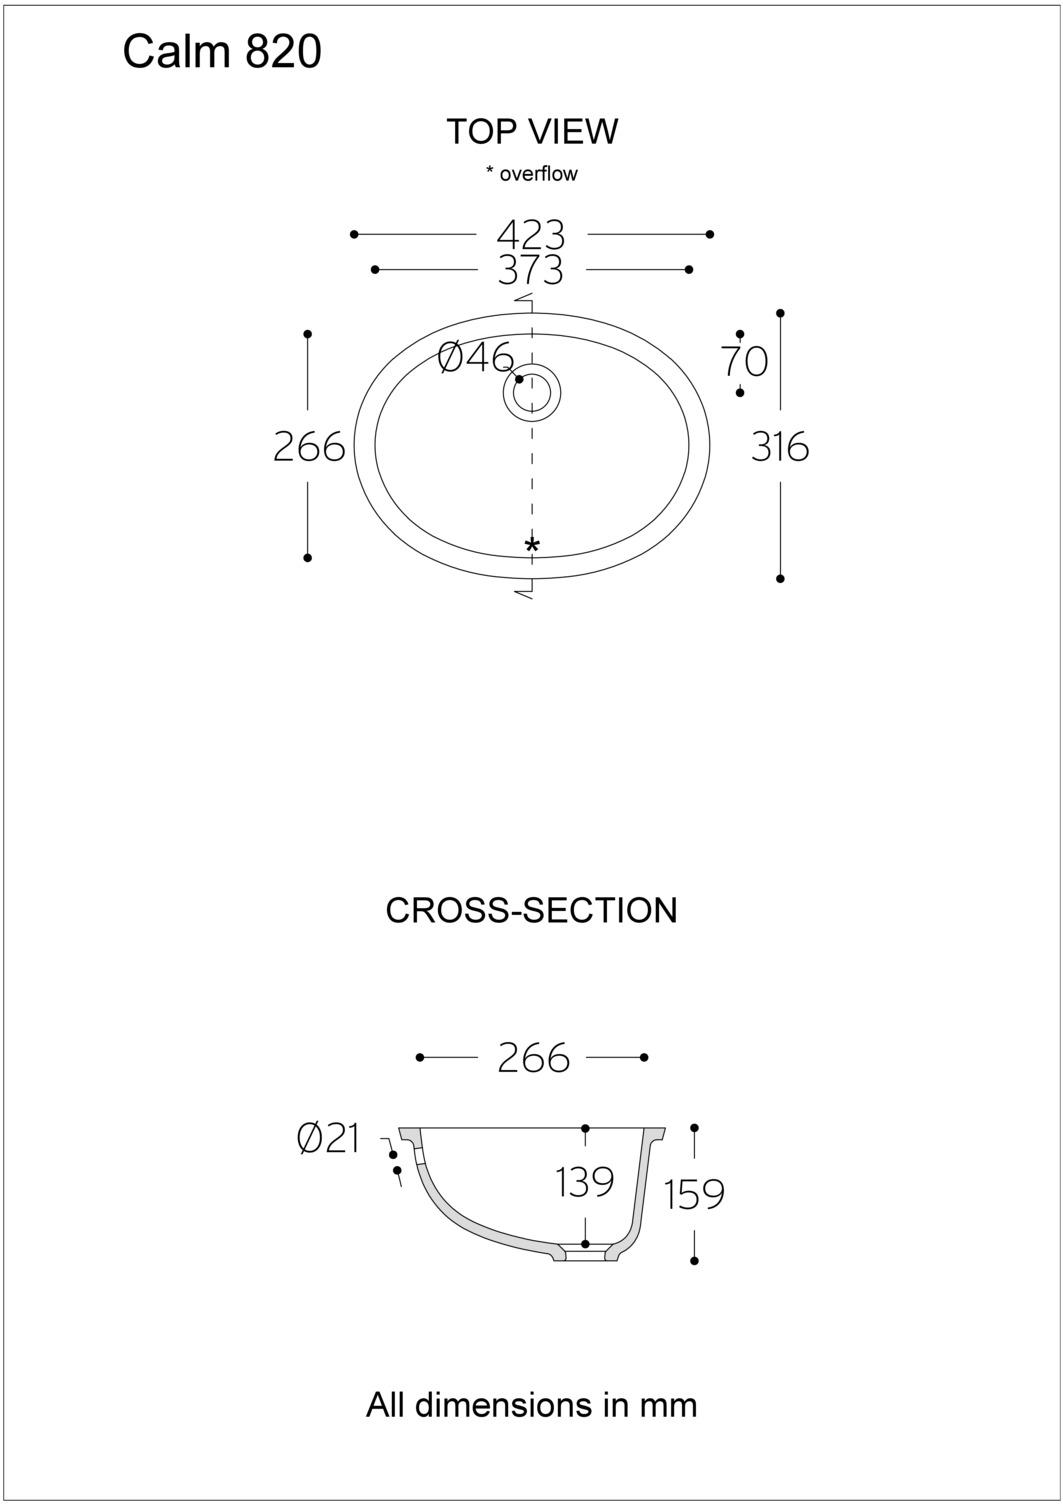 DUPONT_CORIAN_CALM820_2D_PDF[0]